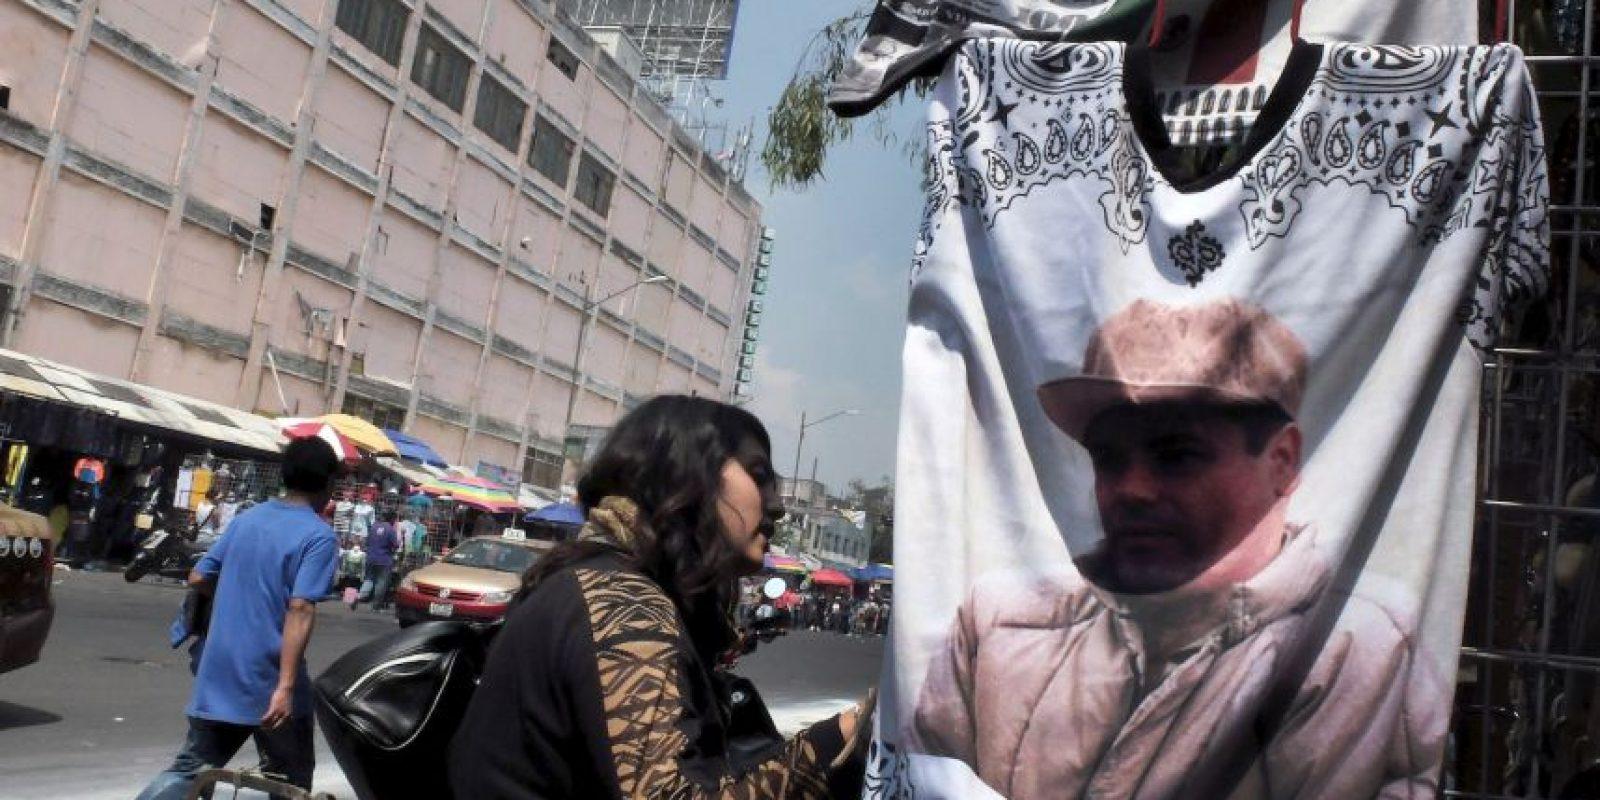 La portada salió días antes de la captura de Guzmán Loera en febrero de 2014 Foto:AFP